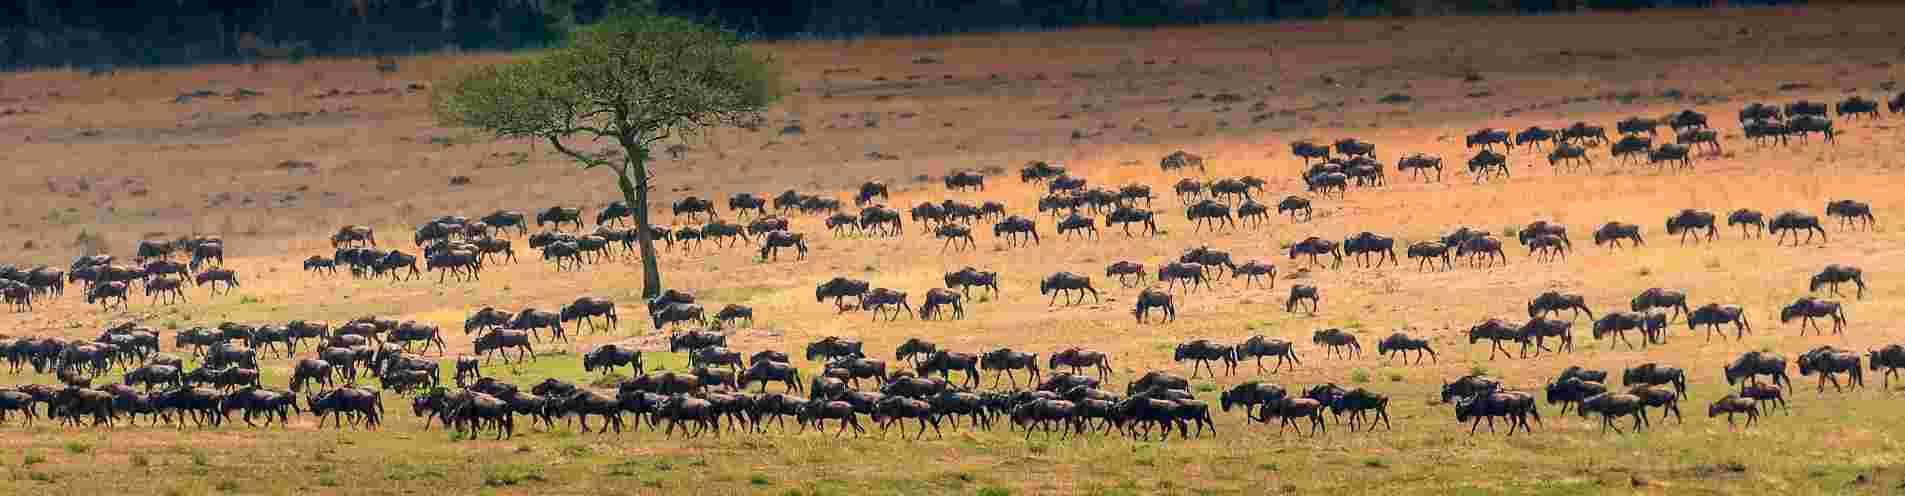 Tanzania header image